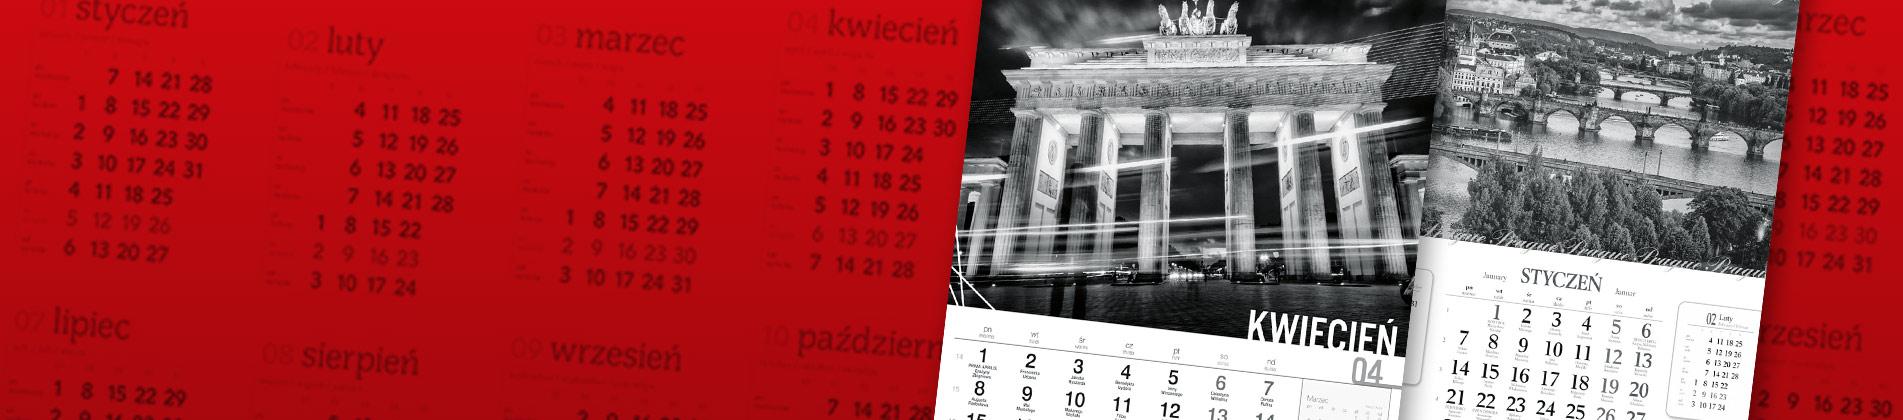 Ścienne kalendarze wieloplanszowe